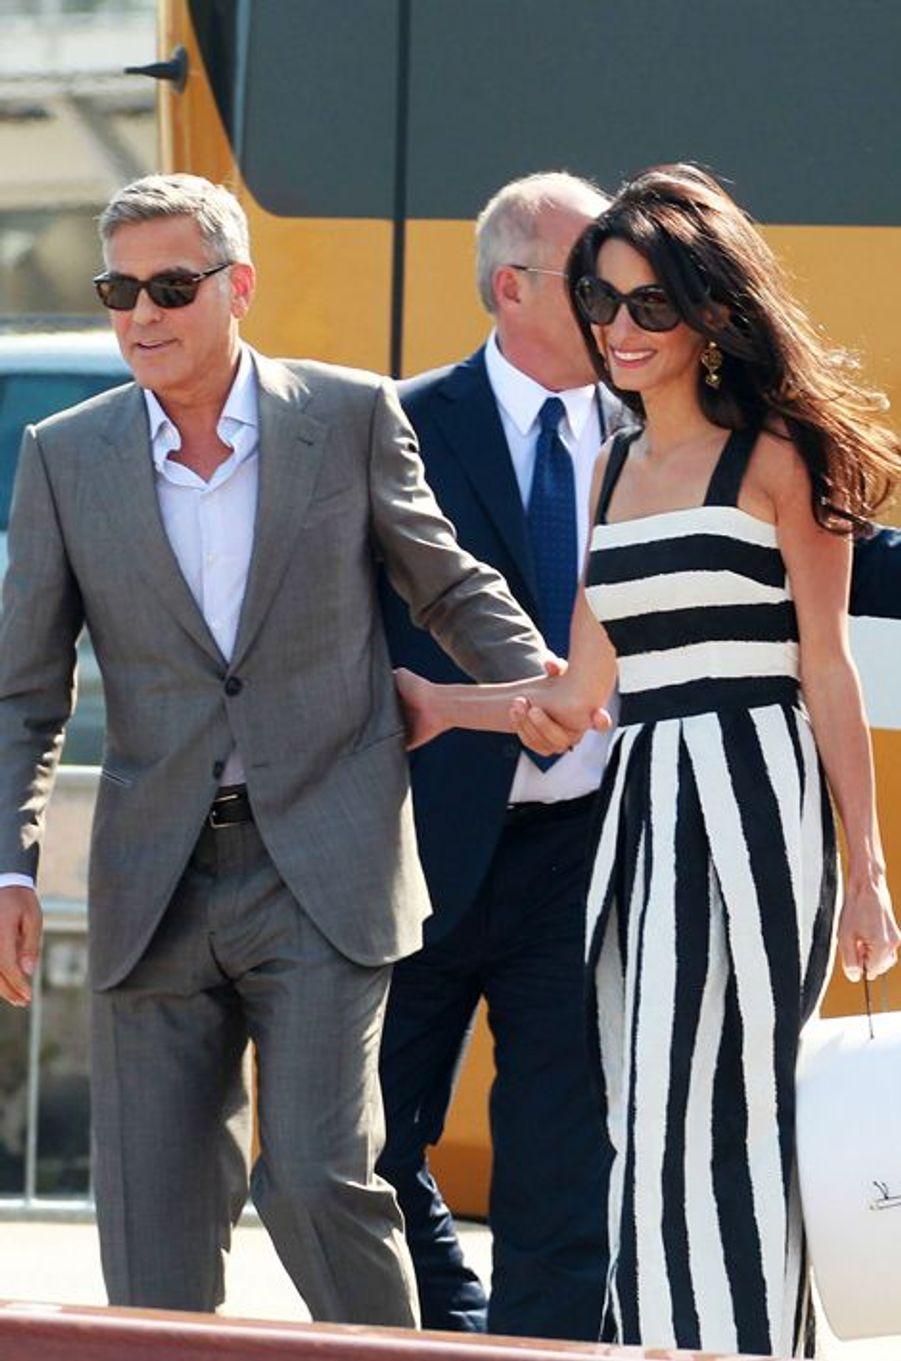 Les tenues portées par Amal Alamuddin avant son mariage à George Clooney (ici, Dolce & Gabbana)